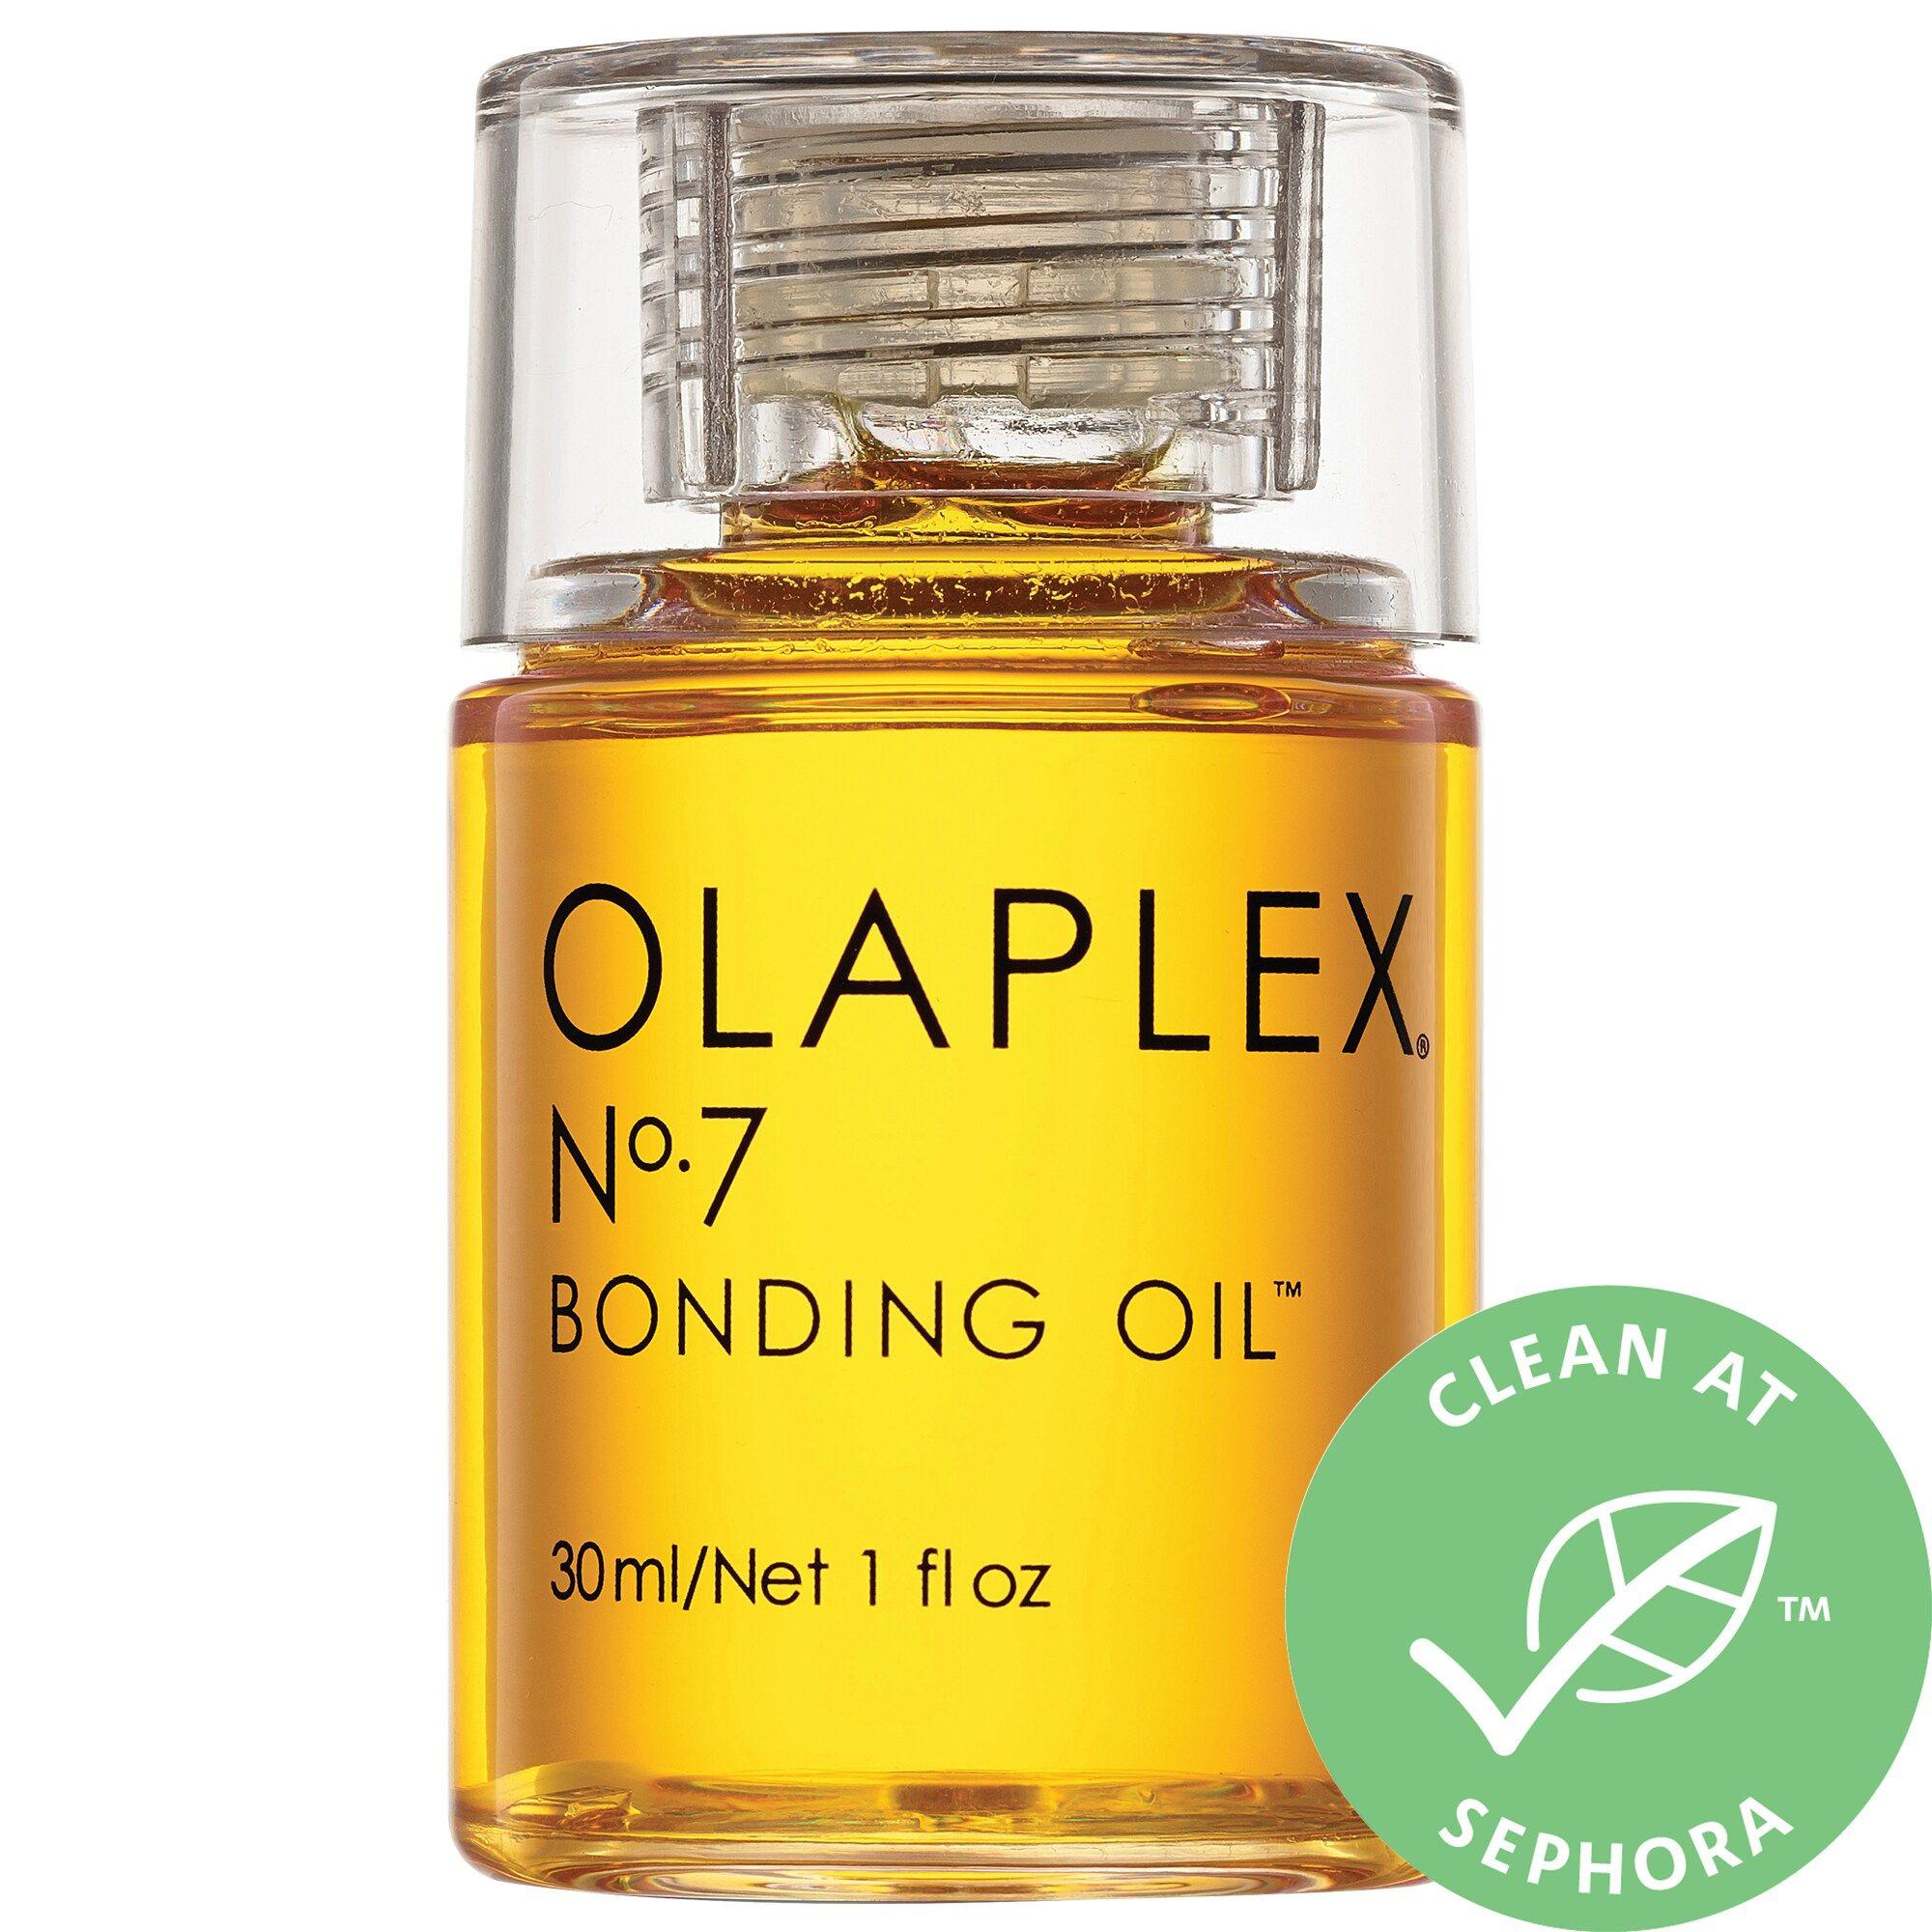 No 7 Bonding Oil Olaplex Sephora In 2020 Olaplex Oils Sephora